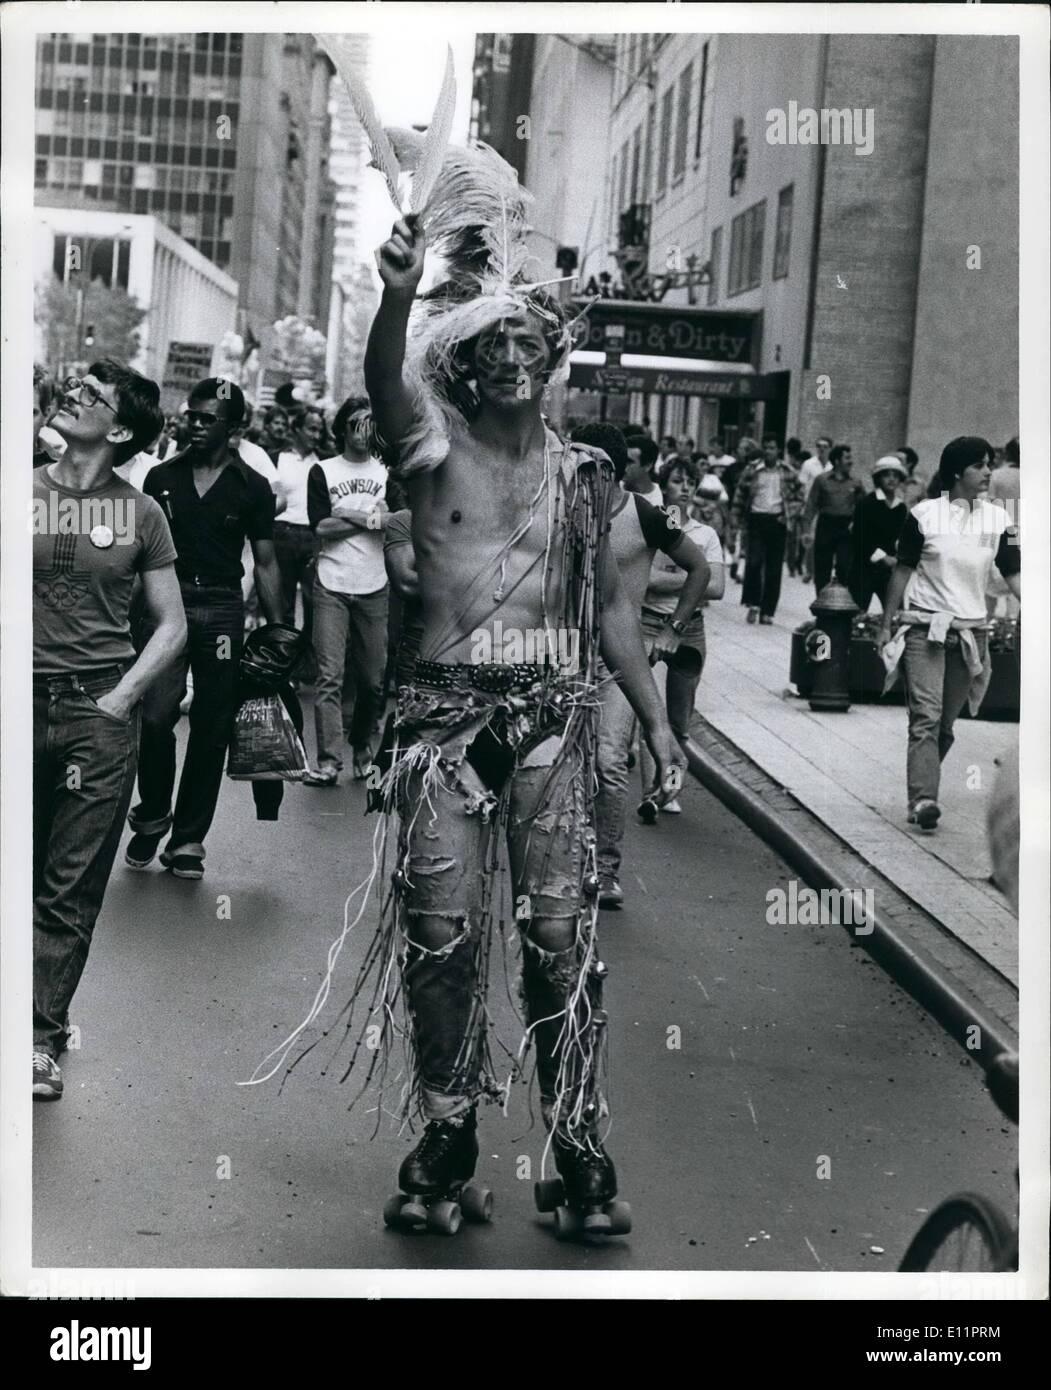 Jun. 06, 1979 - Gay Rights Demo, New York. - Stock Image